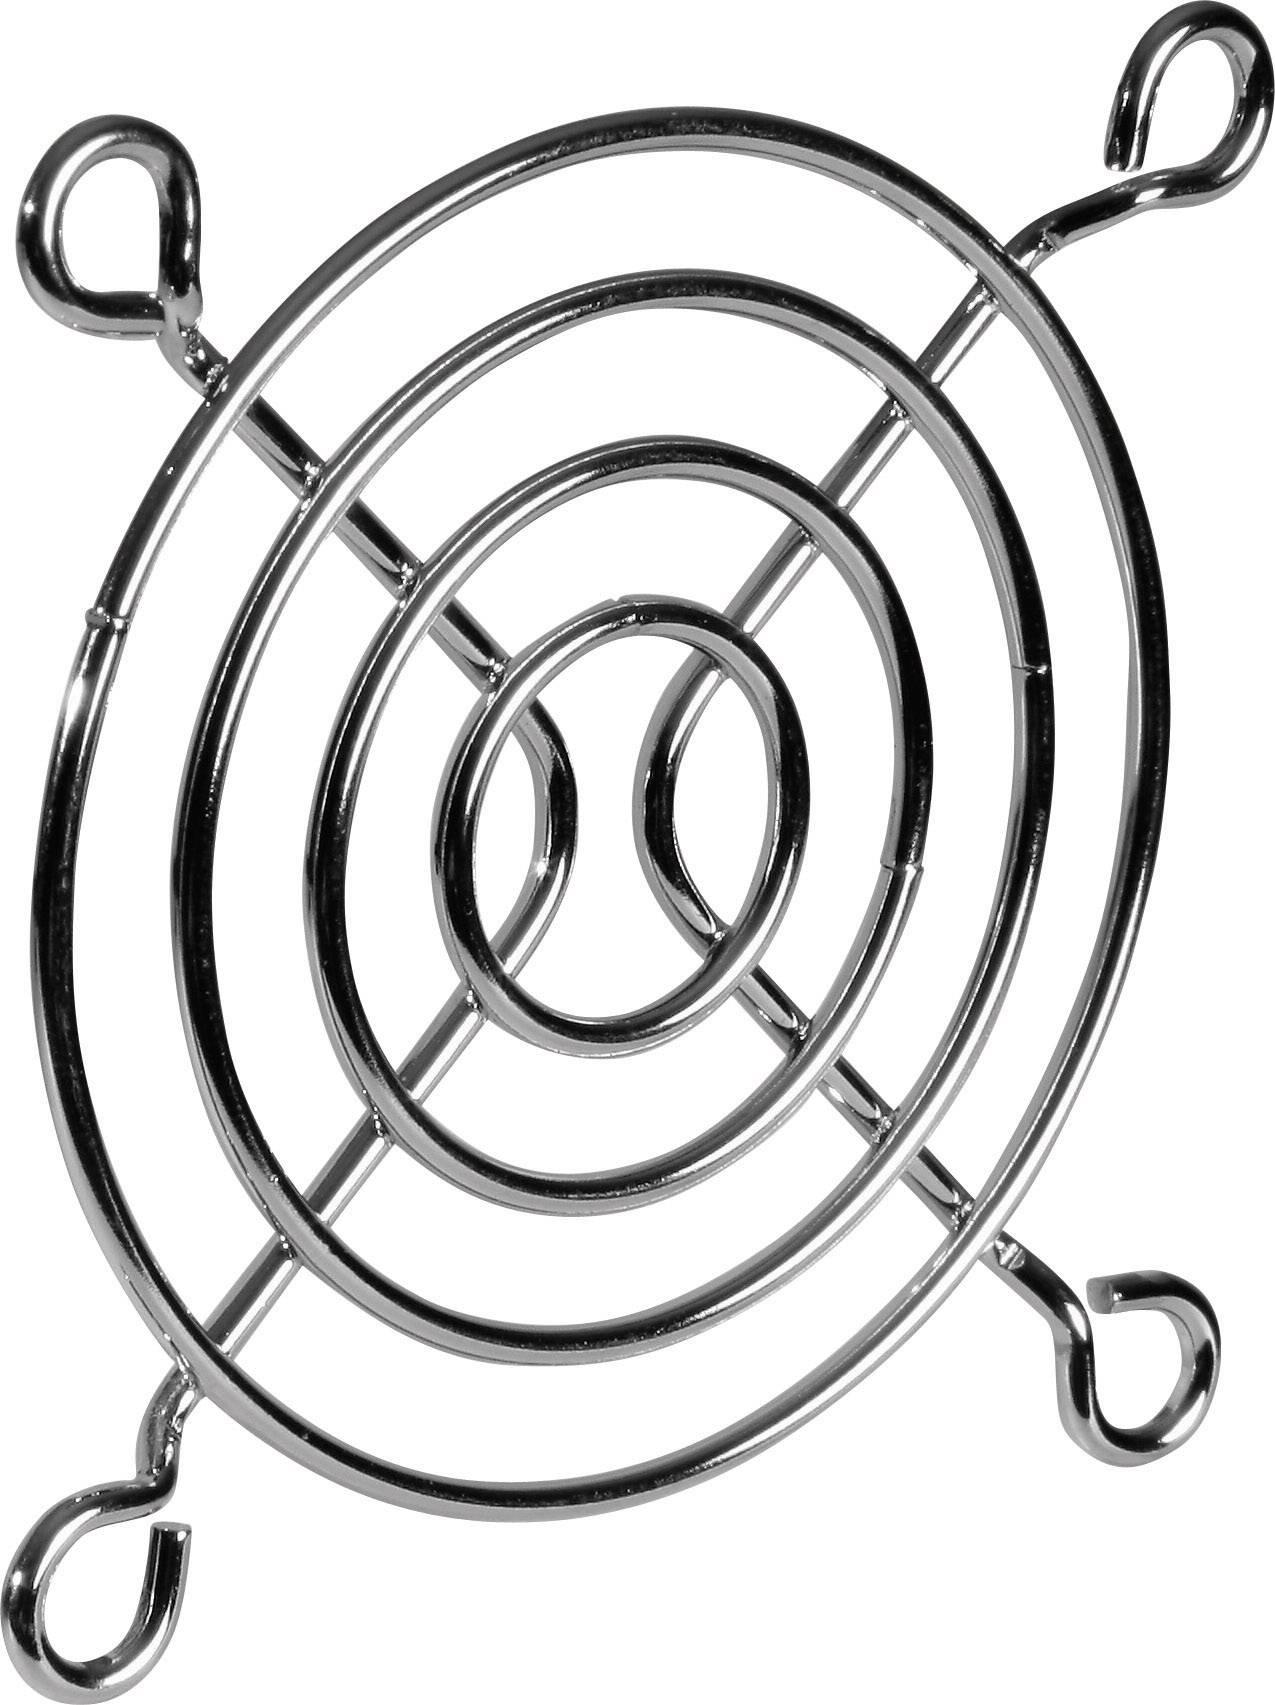 Vetracia mriežka SEPA;918010000, (š x v) 80 mm x 80 mm, 1 ks, oceľ, pochrómovaný